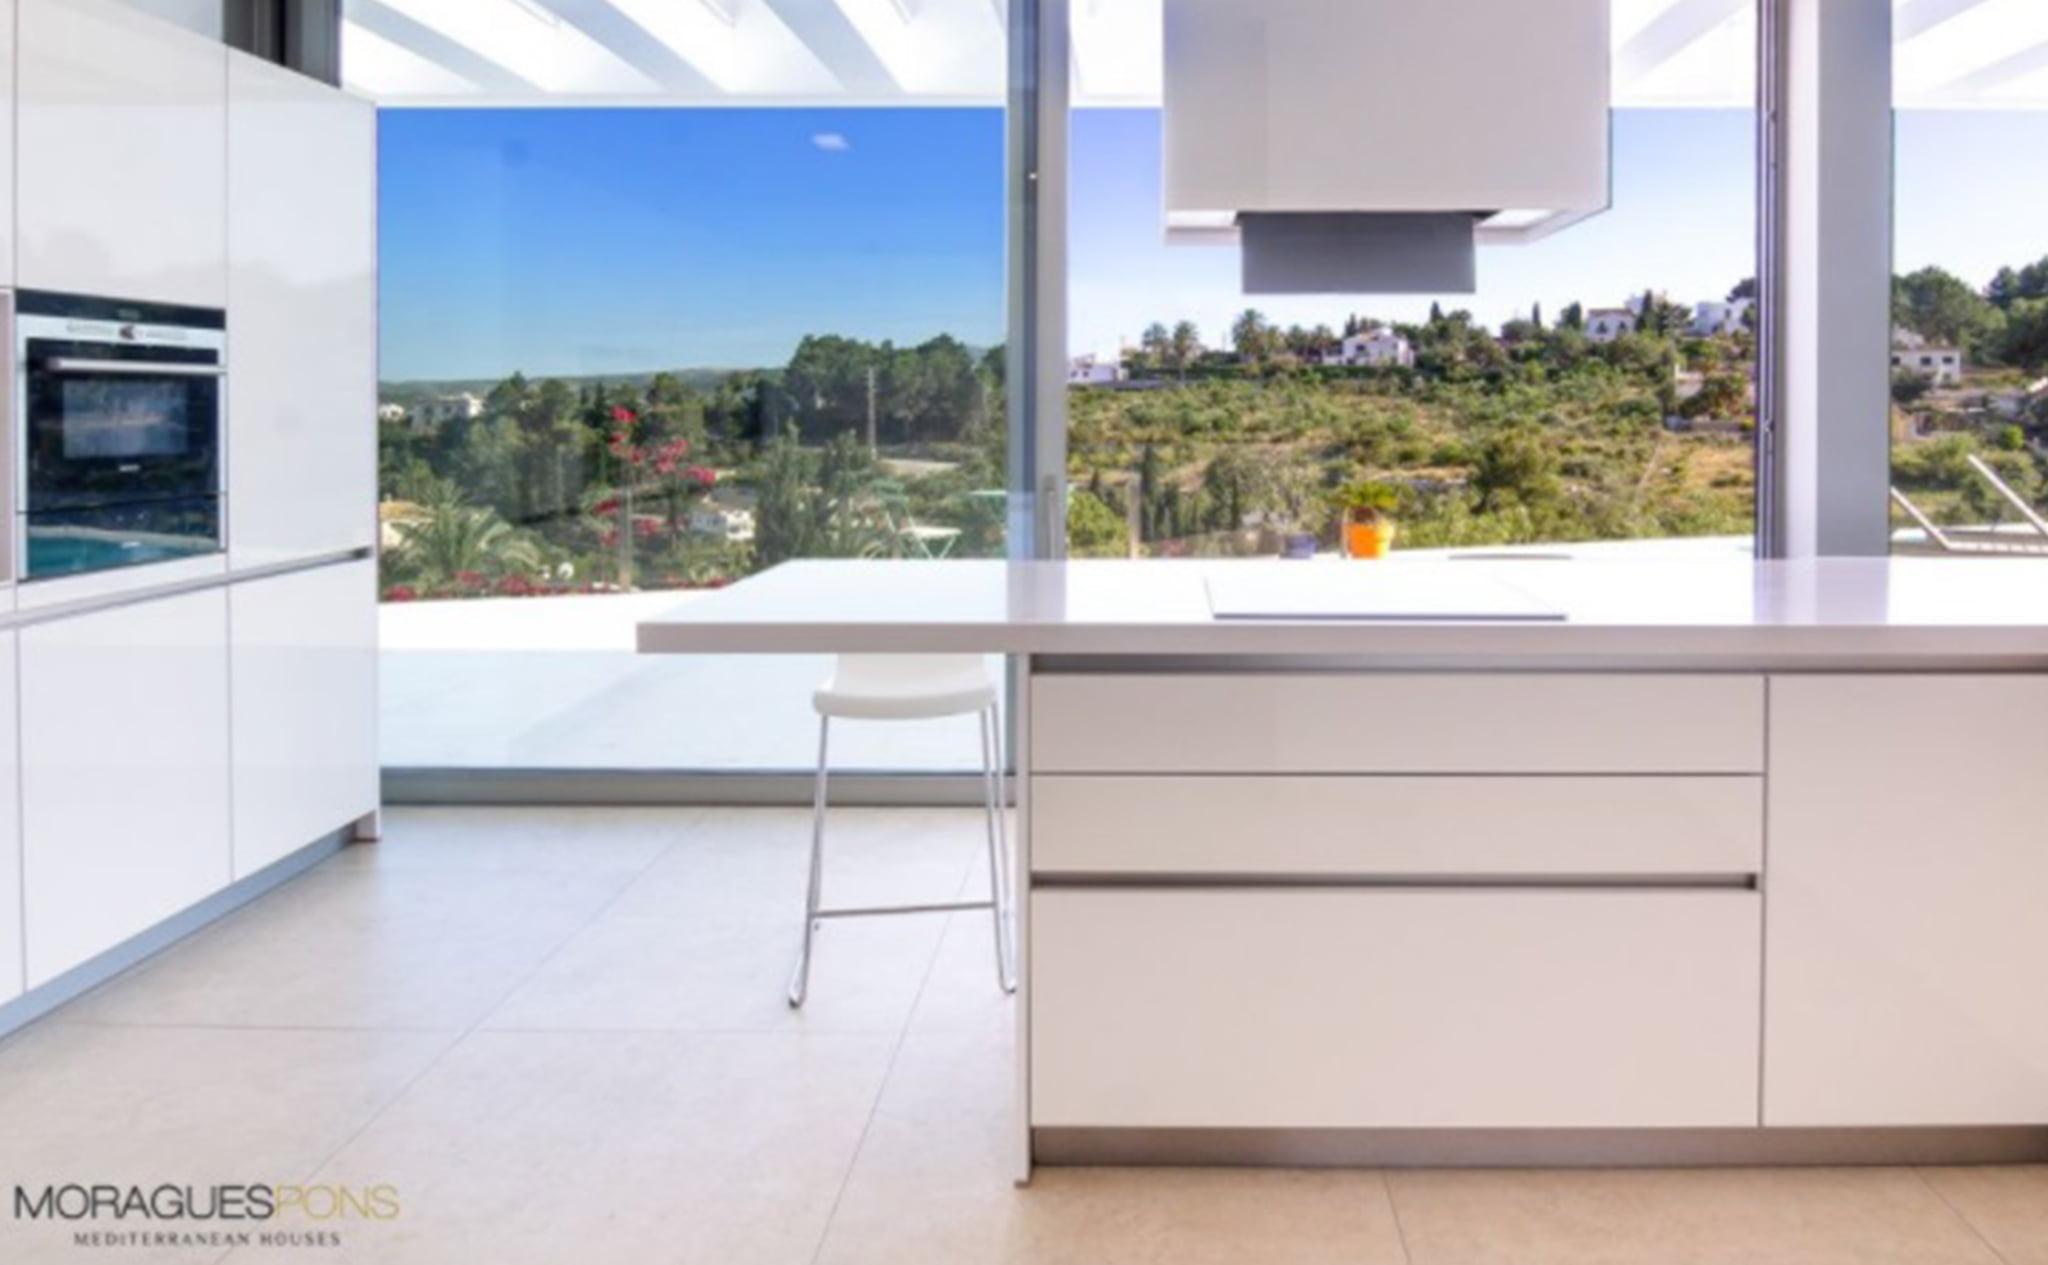 Cocina de una casa moderna en venta en Jávea – MORAGUESPONS Mediterranean Houses